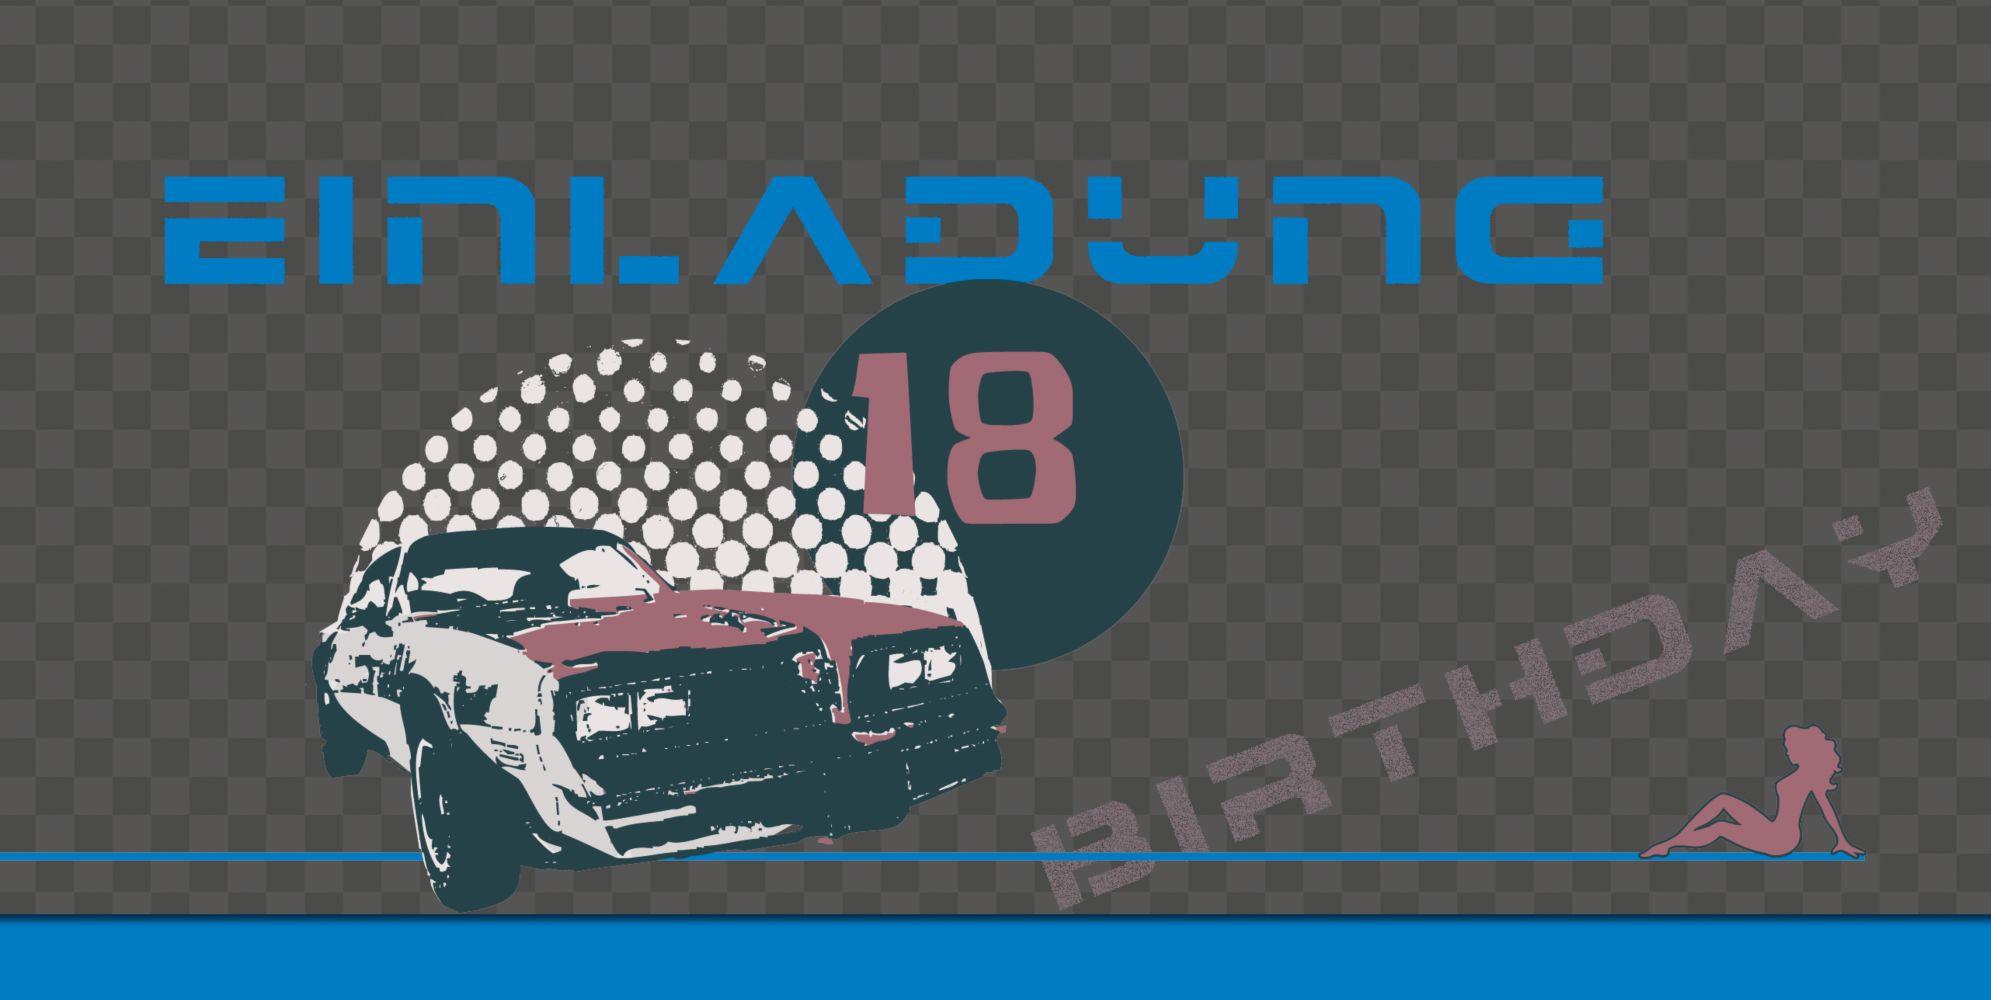 Ansicht 3 - Einladung zum 18. Geburtstag Car Foto